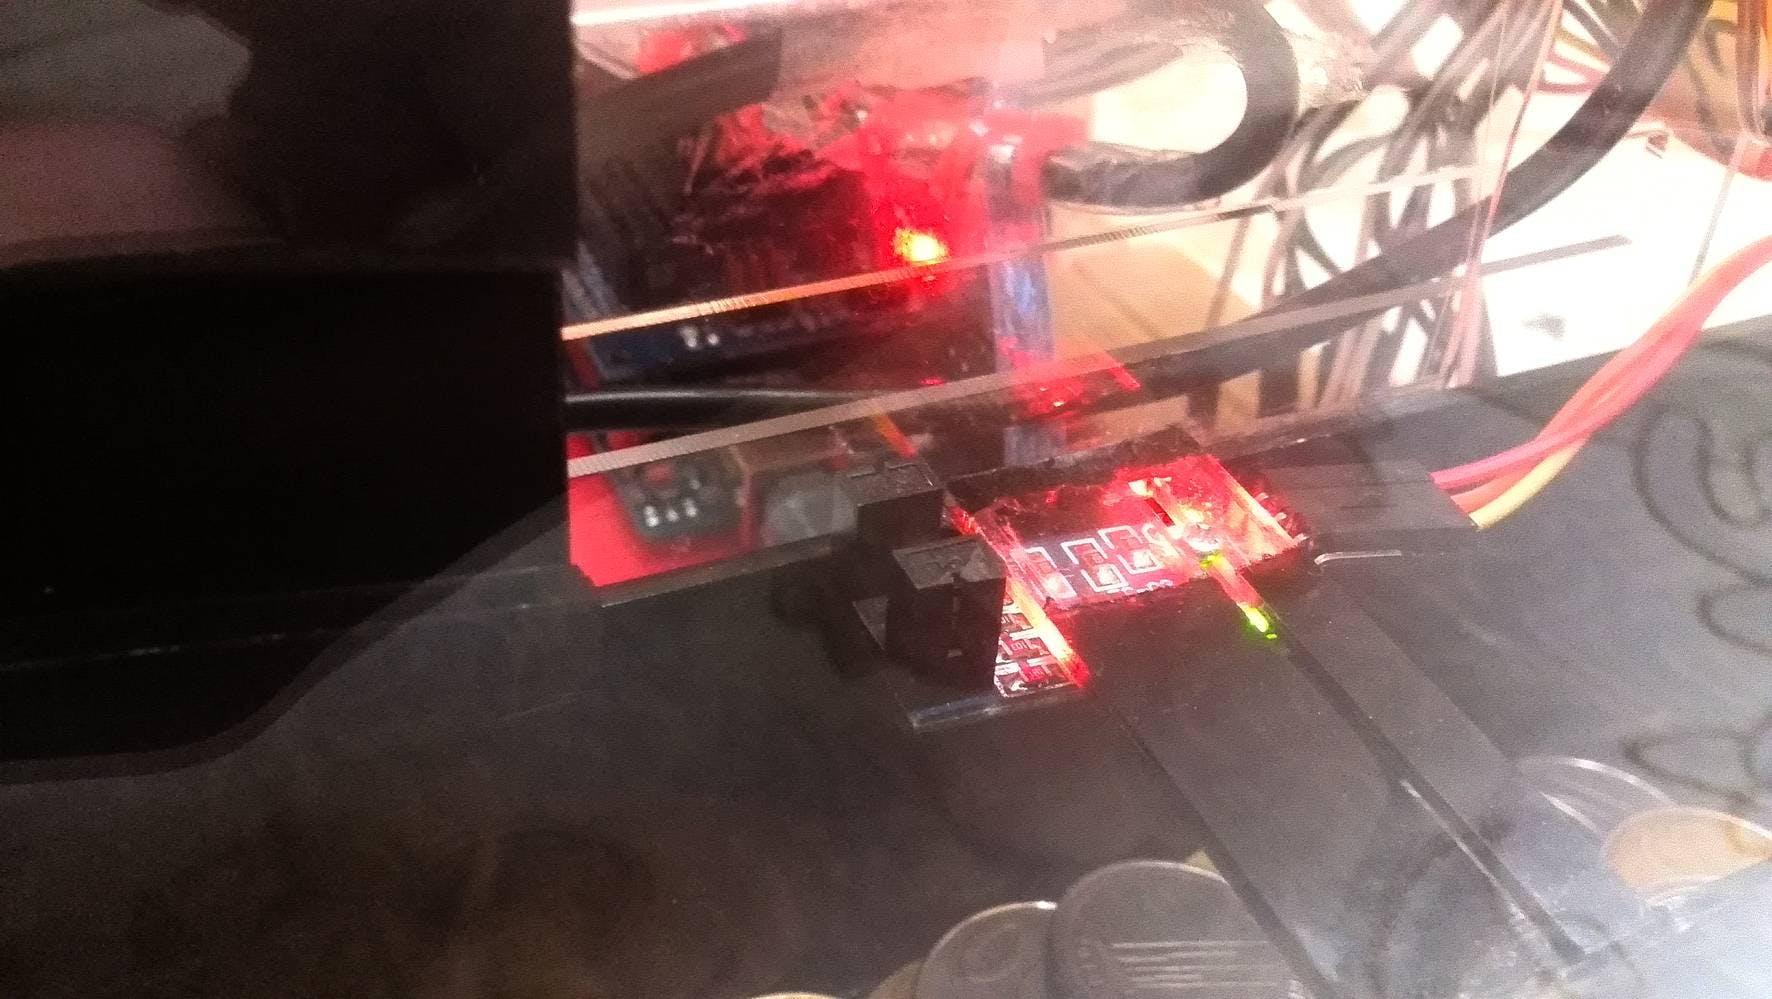 Coin sensor number 2, a distance interupter sensor